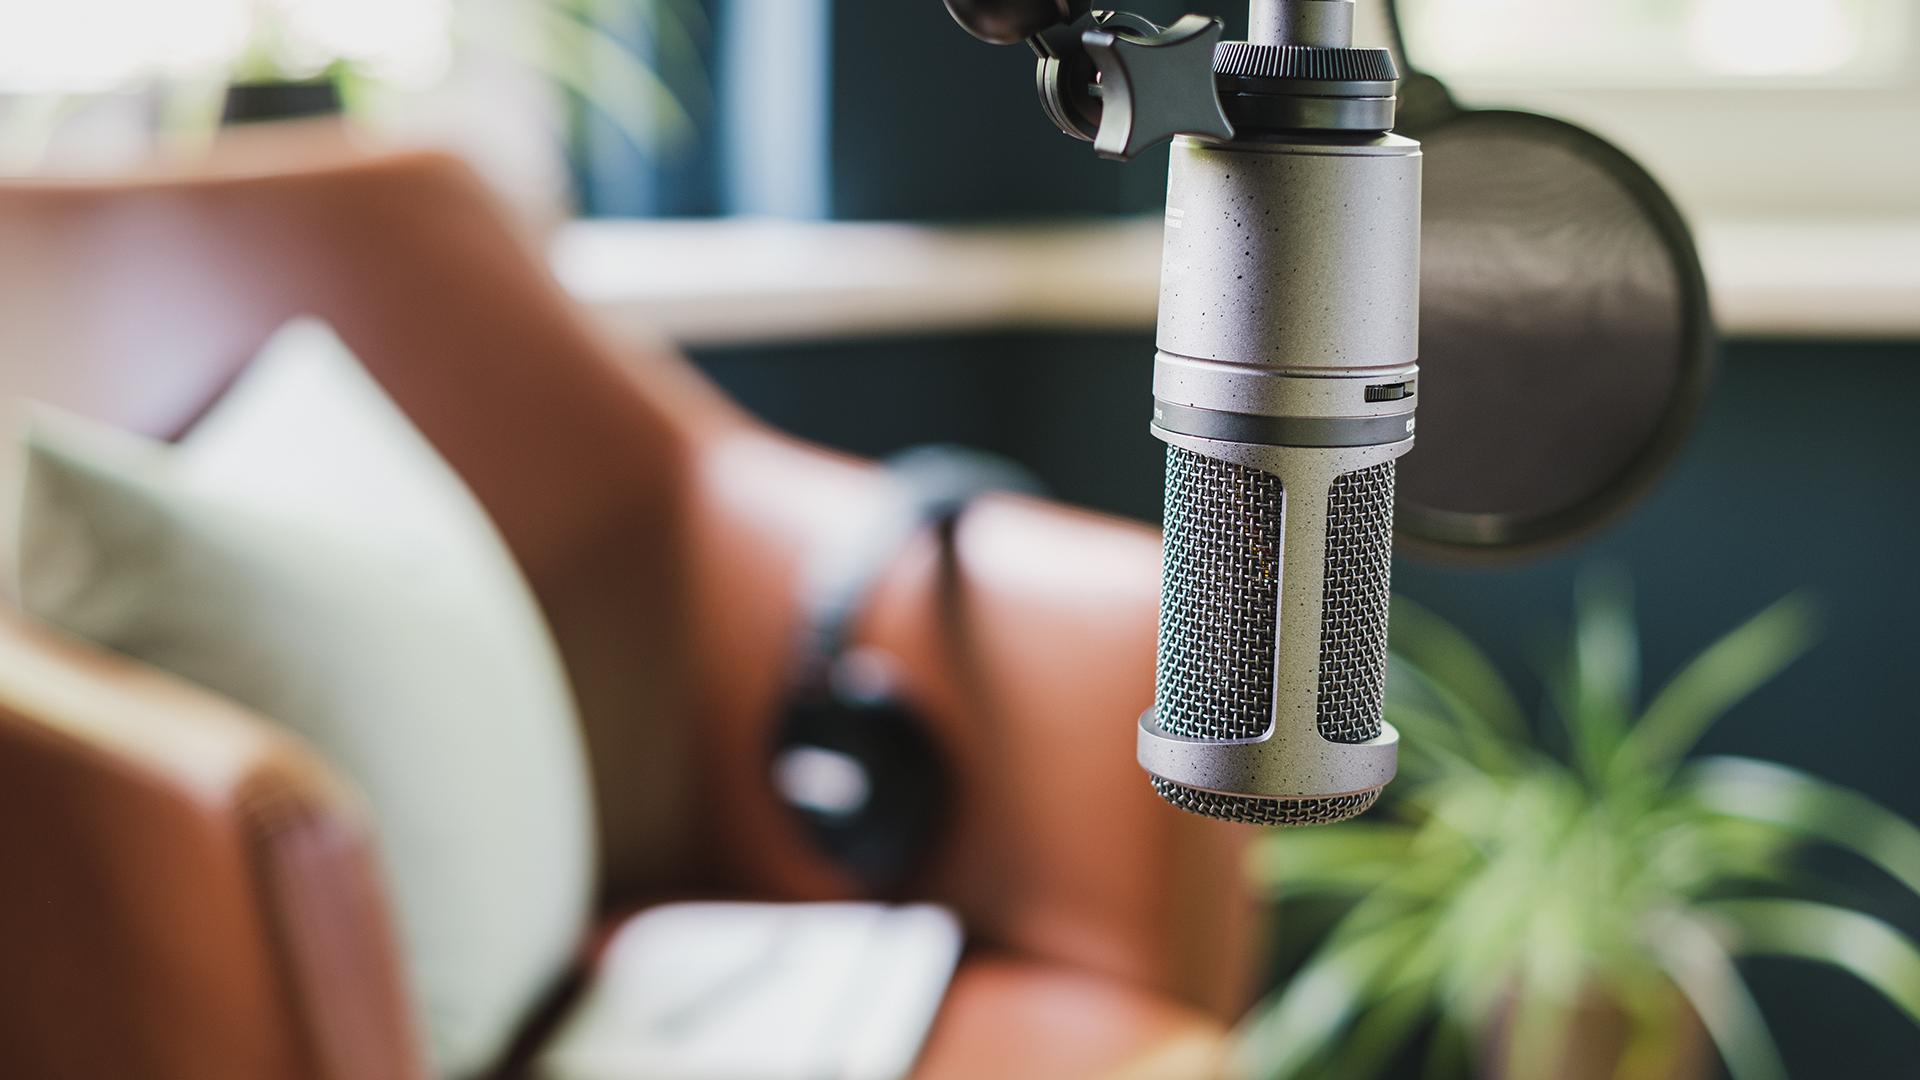 Tine_Jurtz_Podcast-Werkstattstories